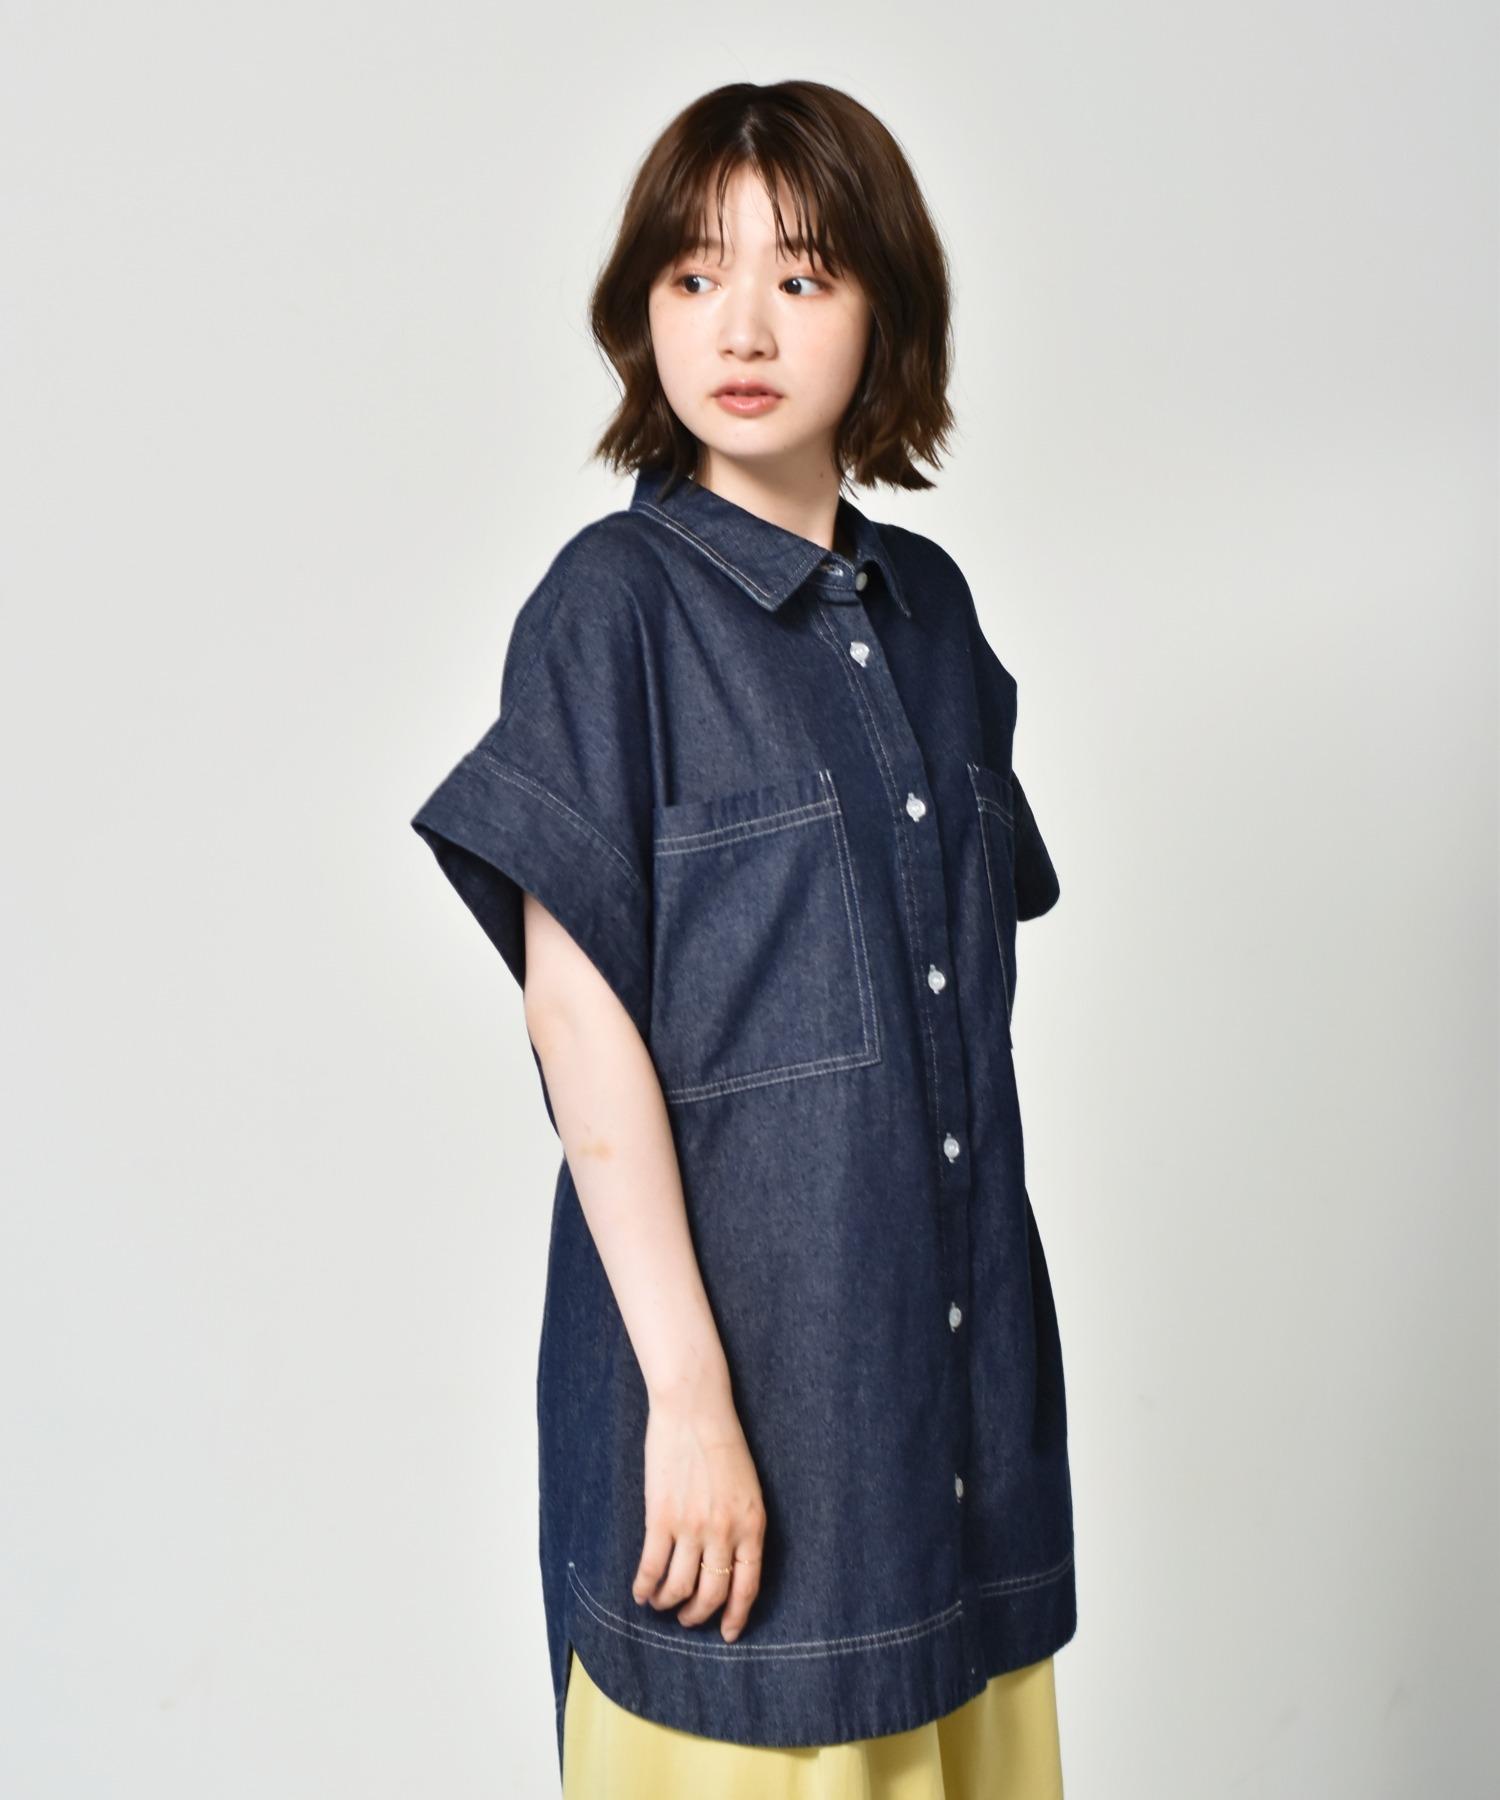 半袖デニムBIGシャツ